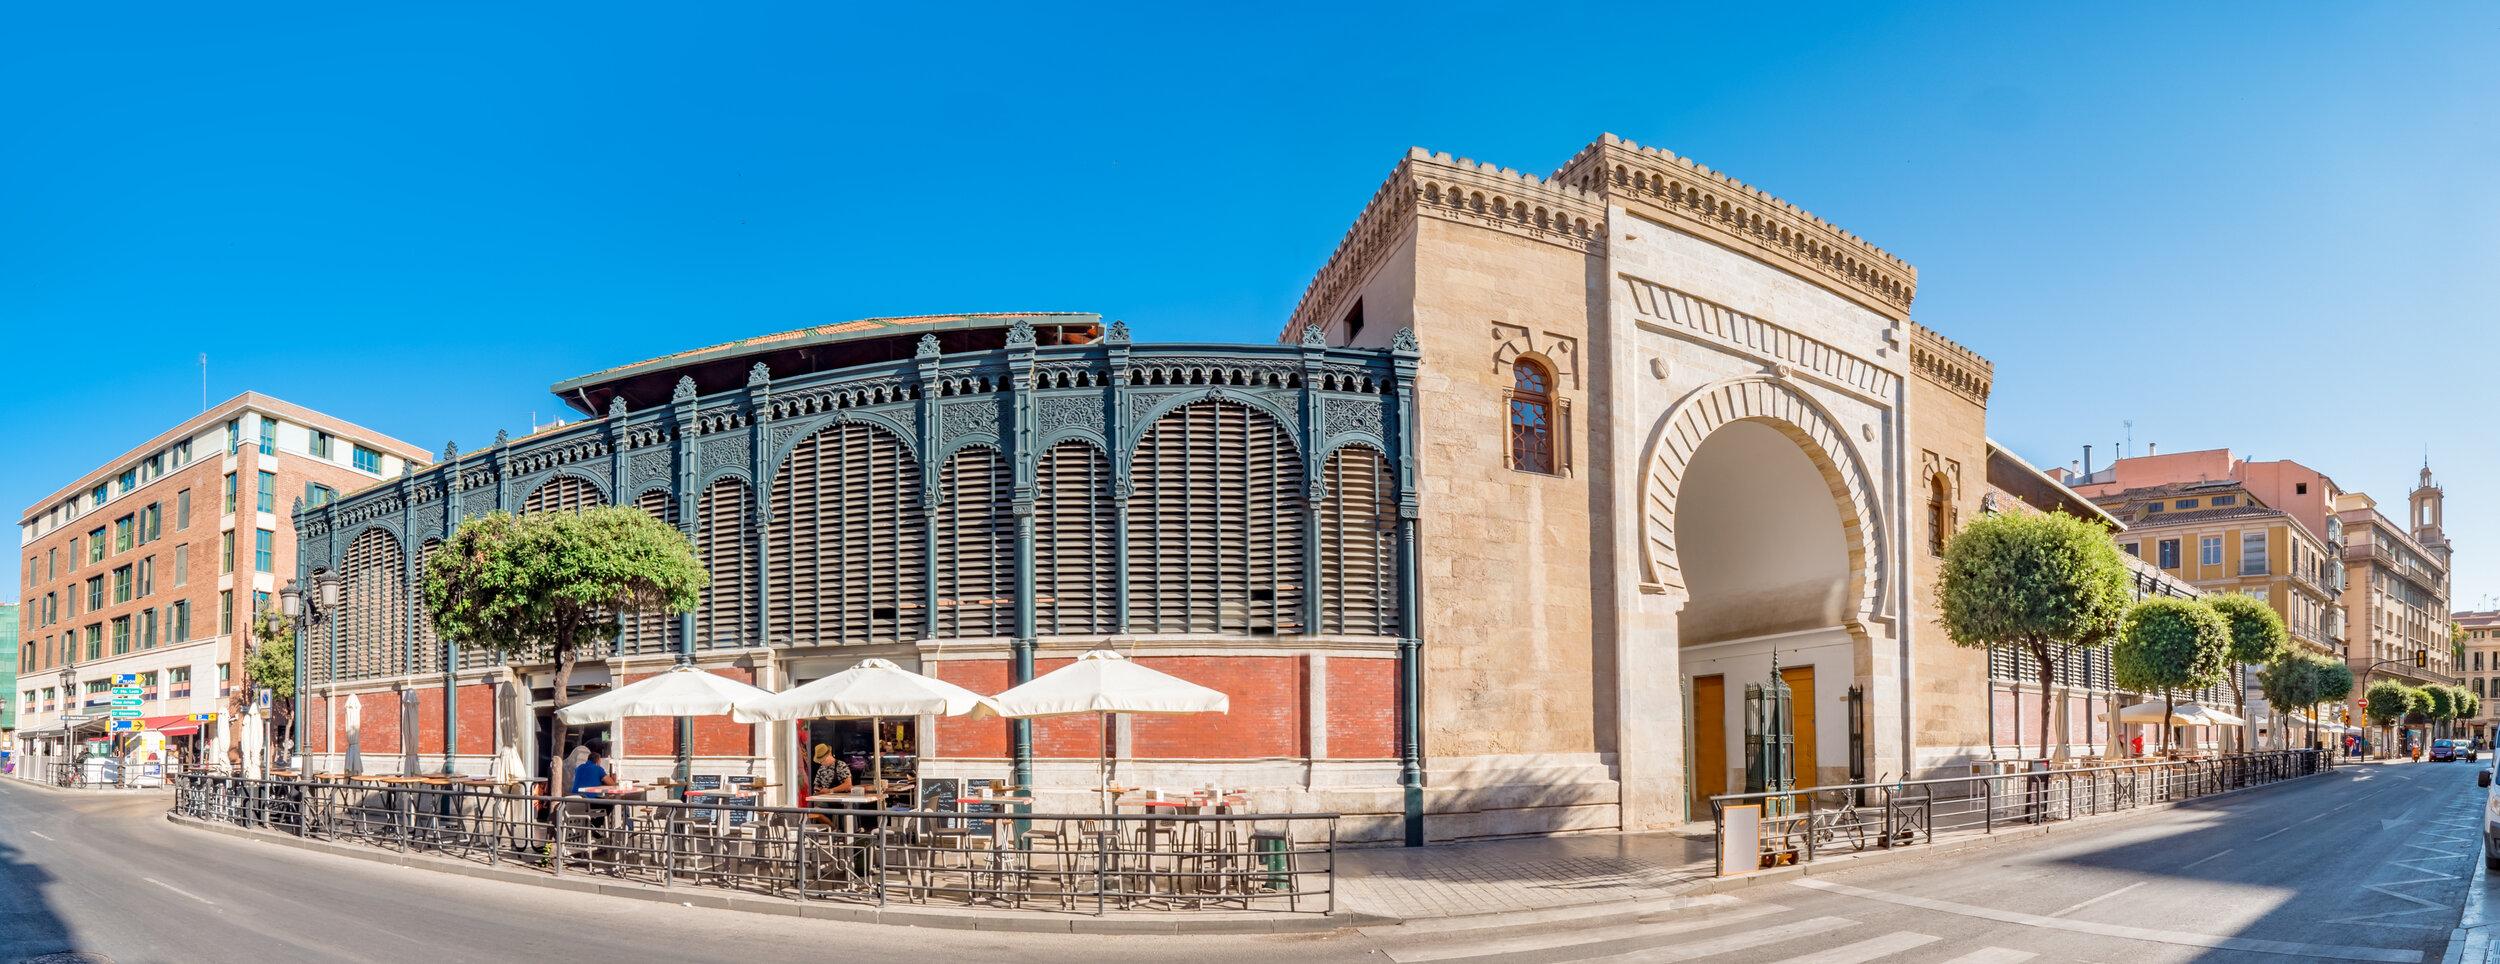 The best Malaga market, Mercado de Atarazanas